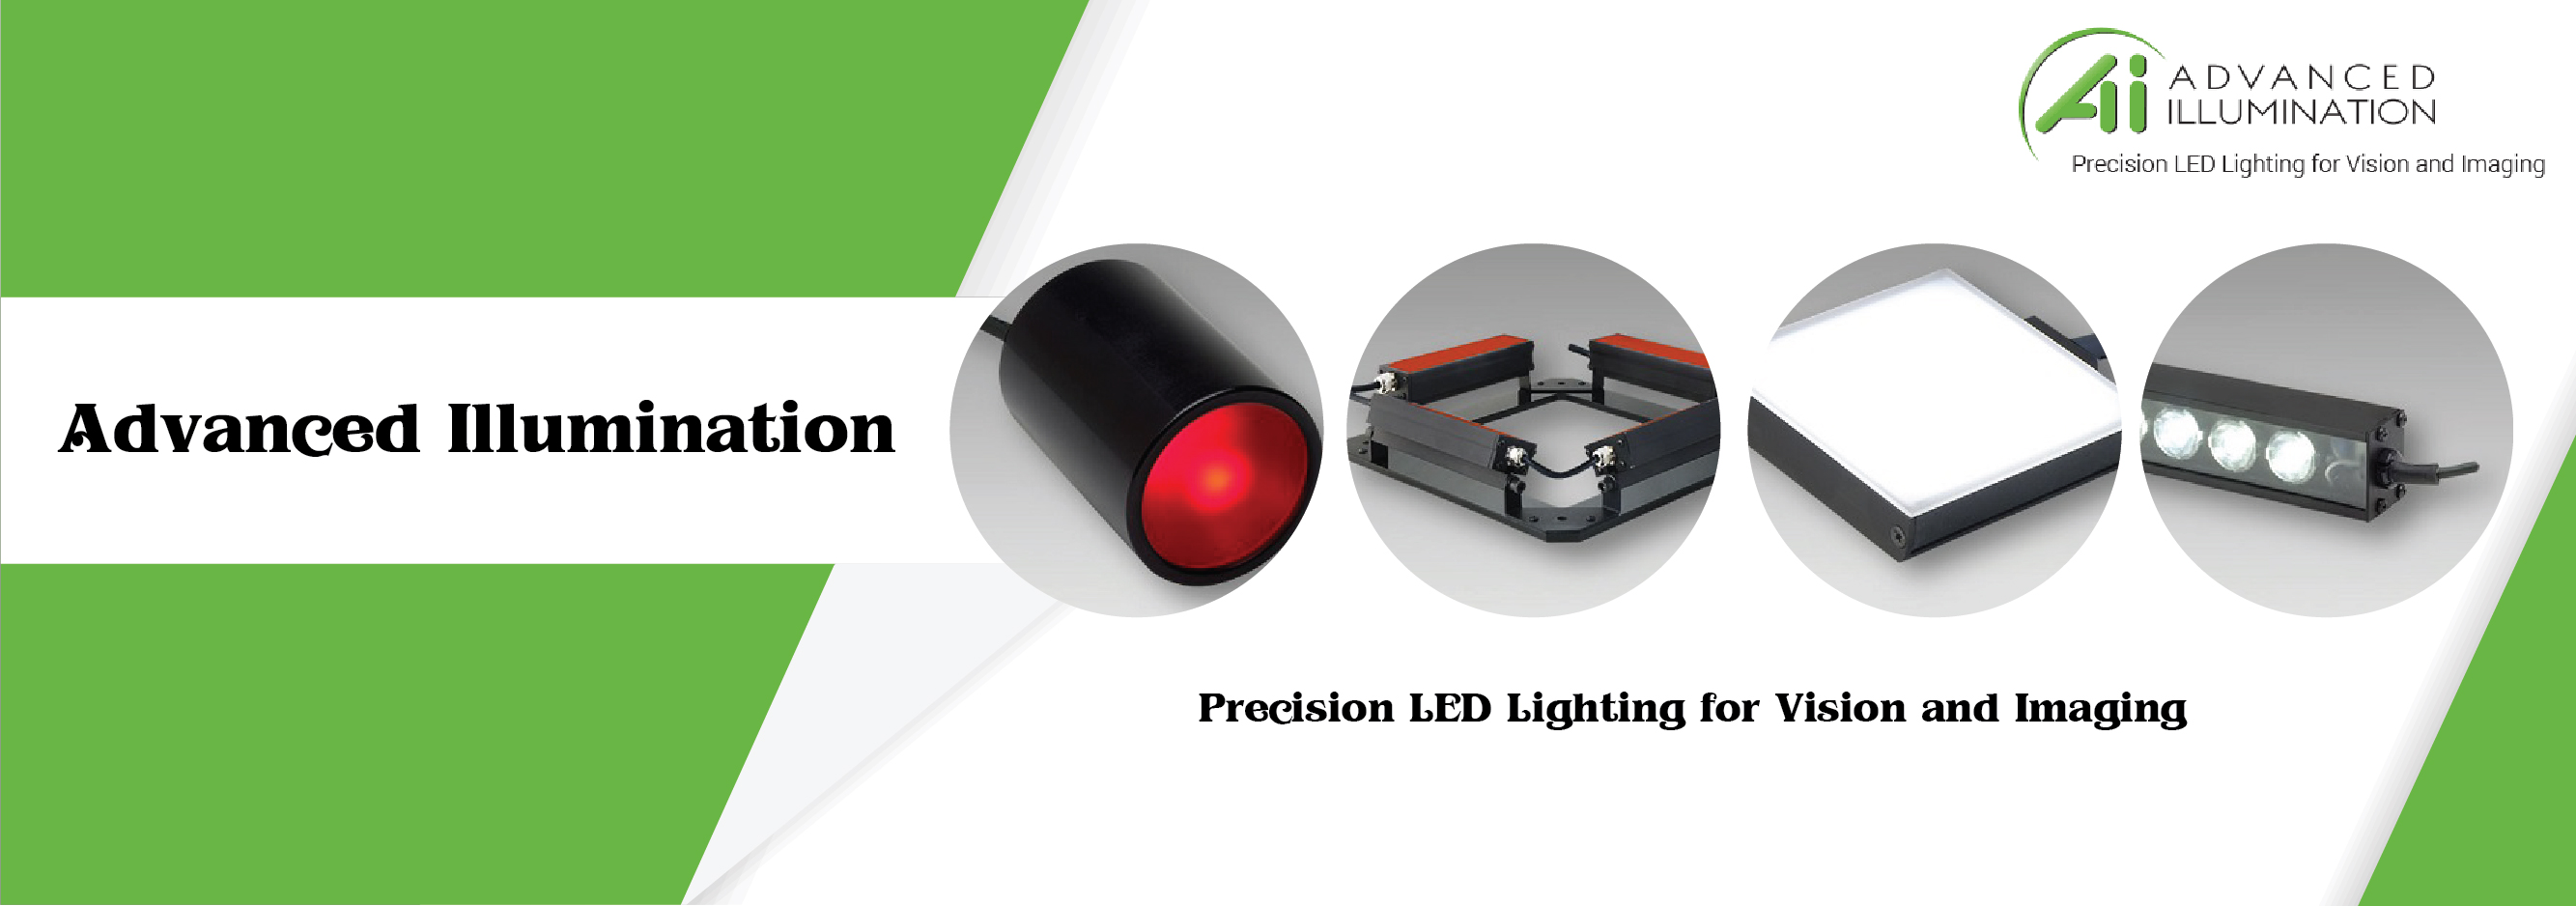 Advanced Illumination – WJ Machine Vision